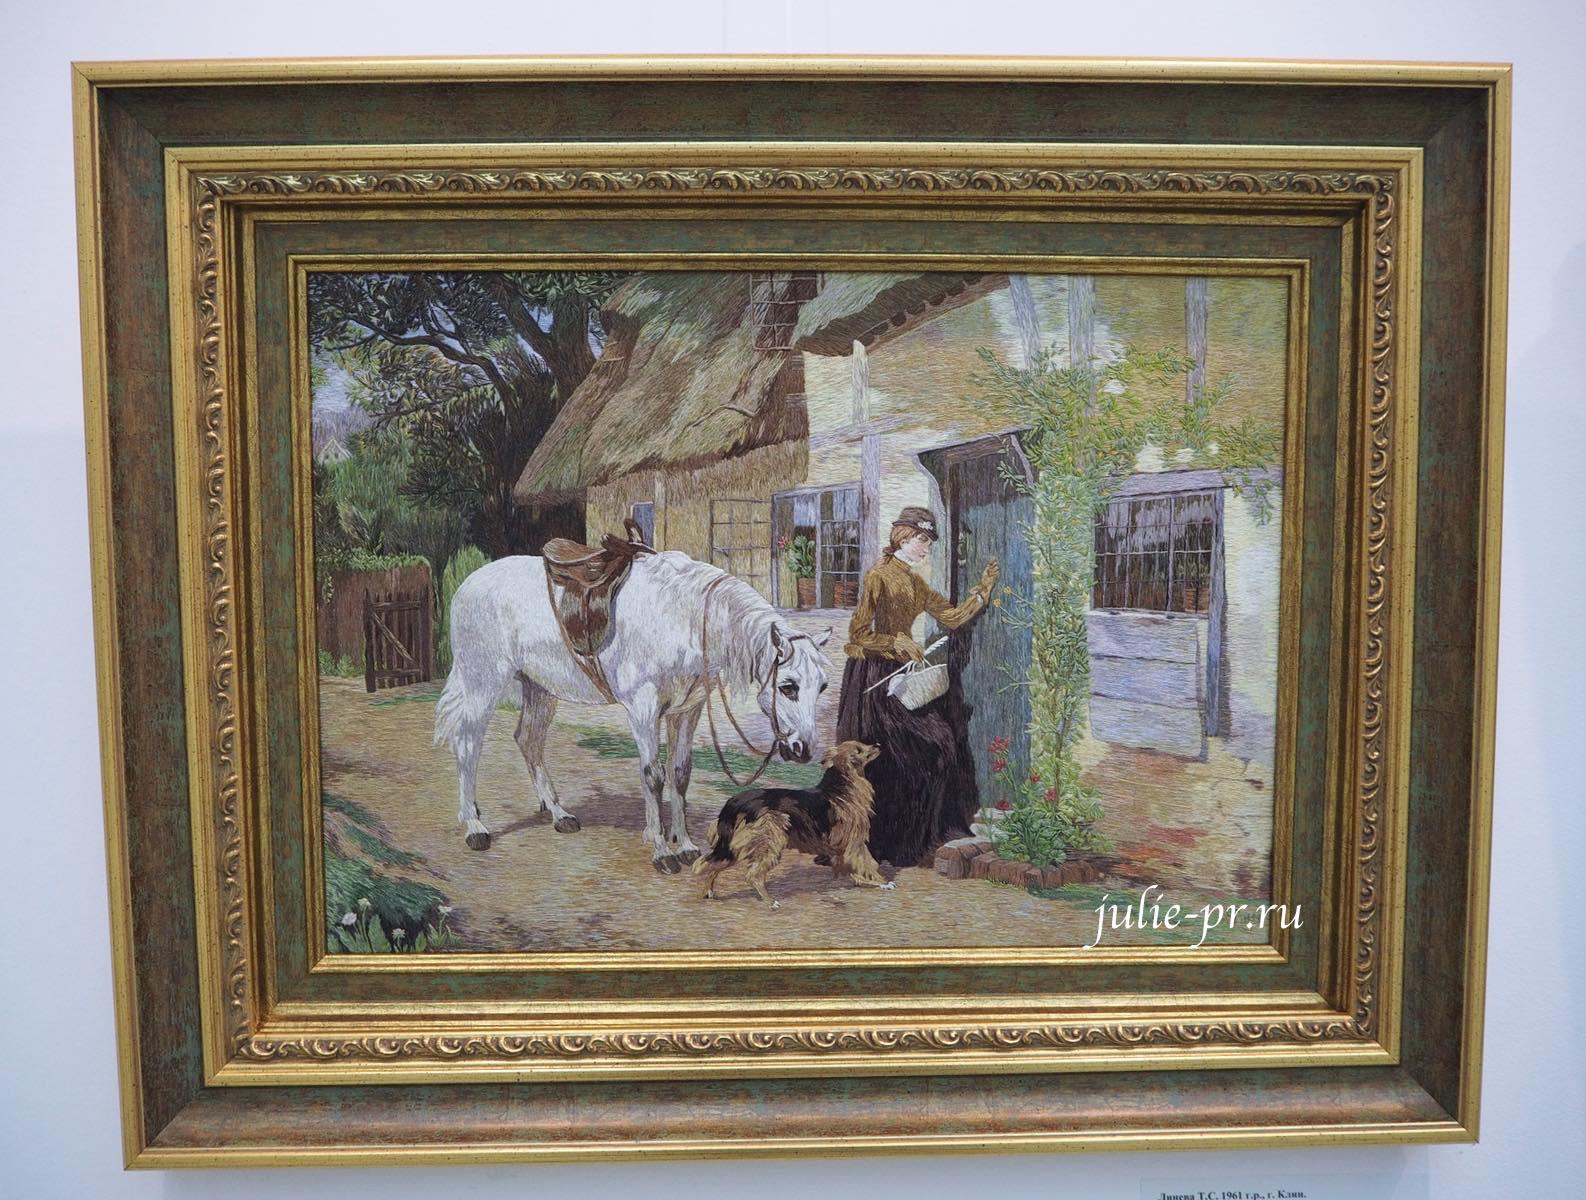 Всероссийская выставка вышивки, вышивка гладью, лошадь и девушка